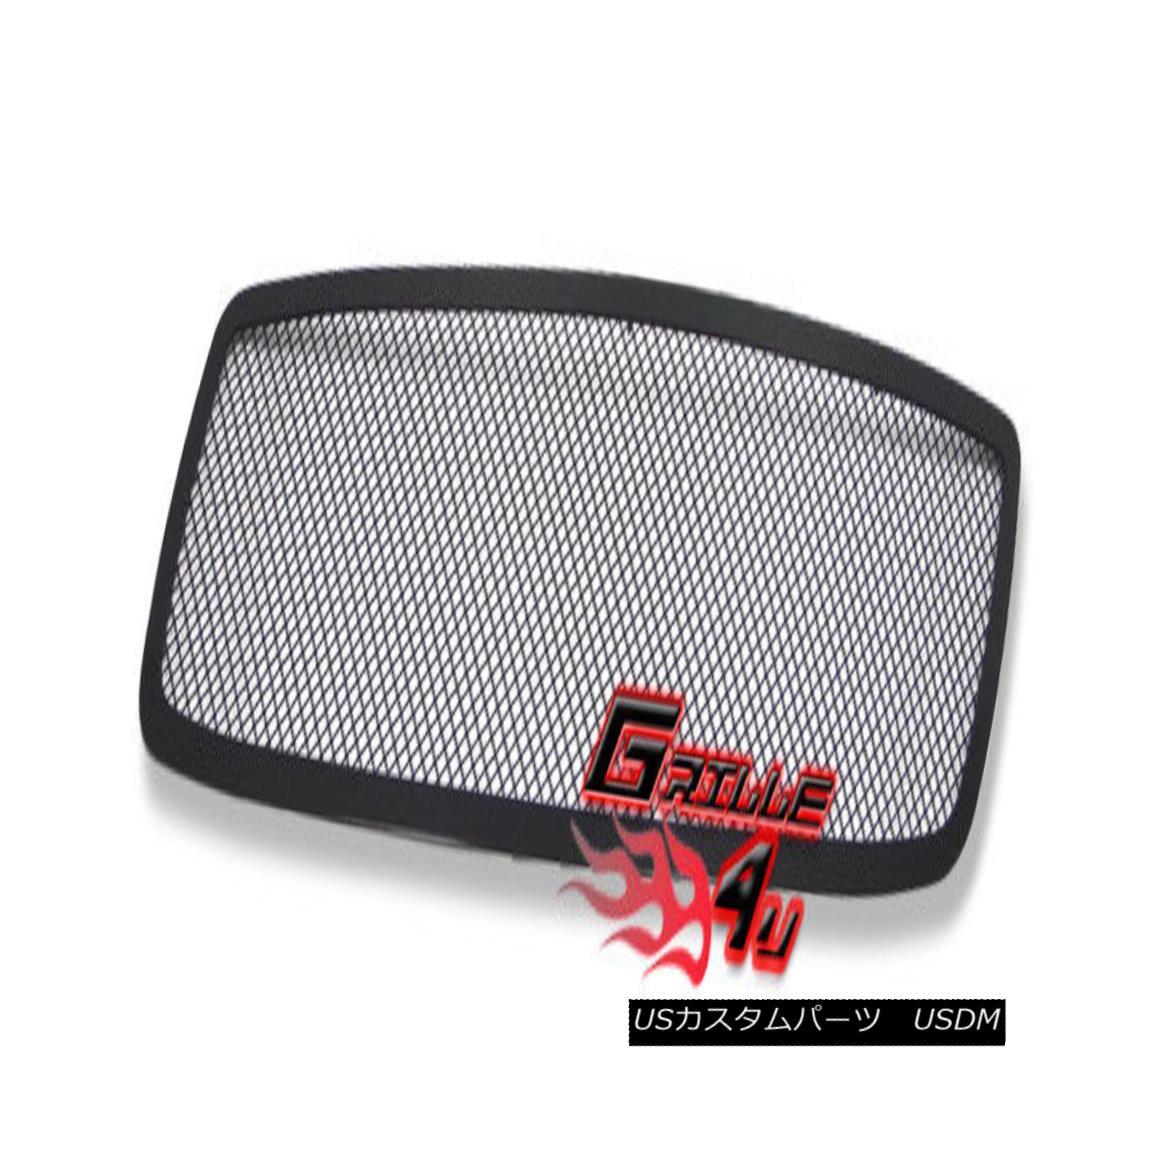 グリル For 05-10 Dodge Charger Black Stainless Mesh Premium Grille Insert 05-10ダッジチャージャブラックステンレスメッシュプレミアムグリルインサート